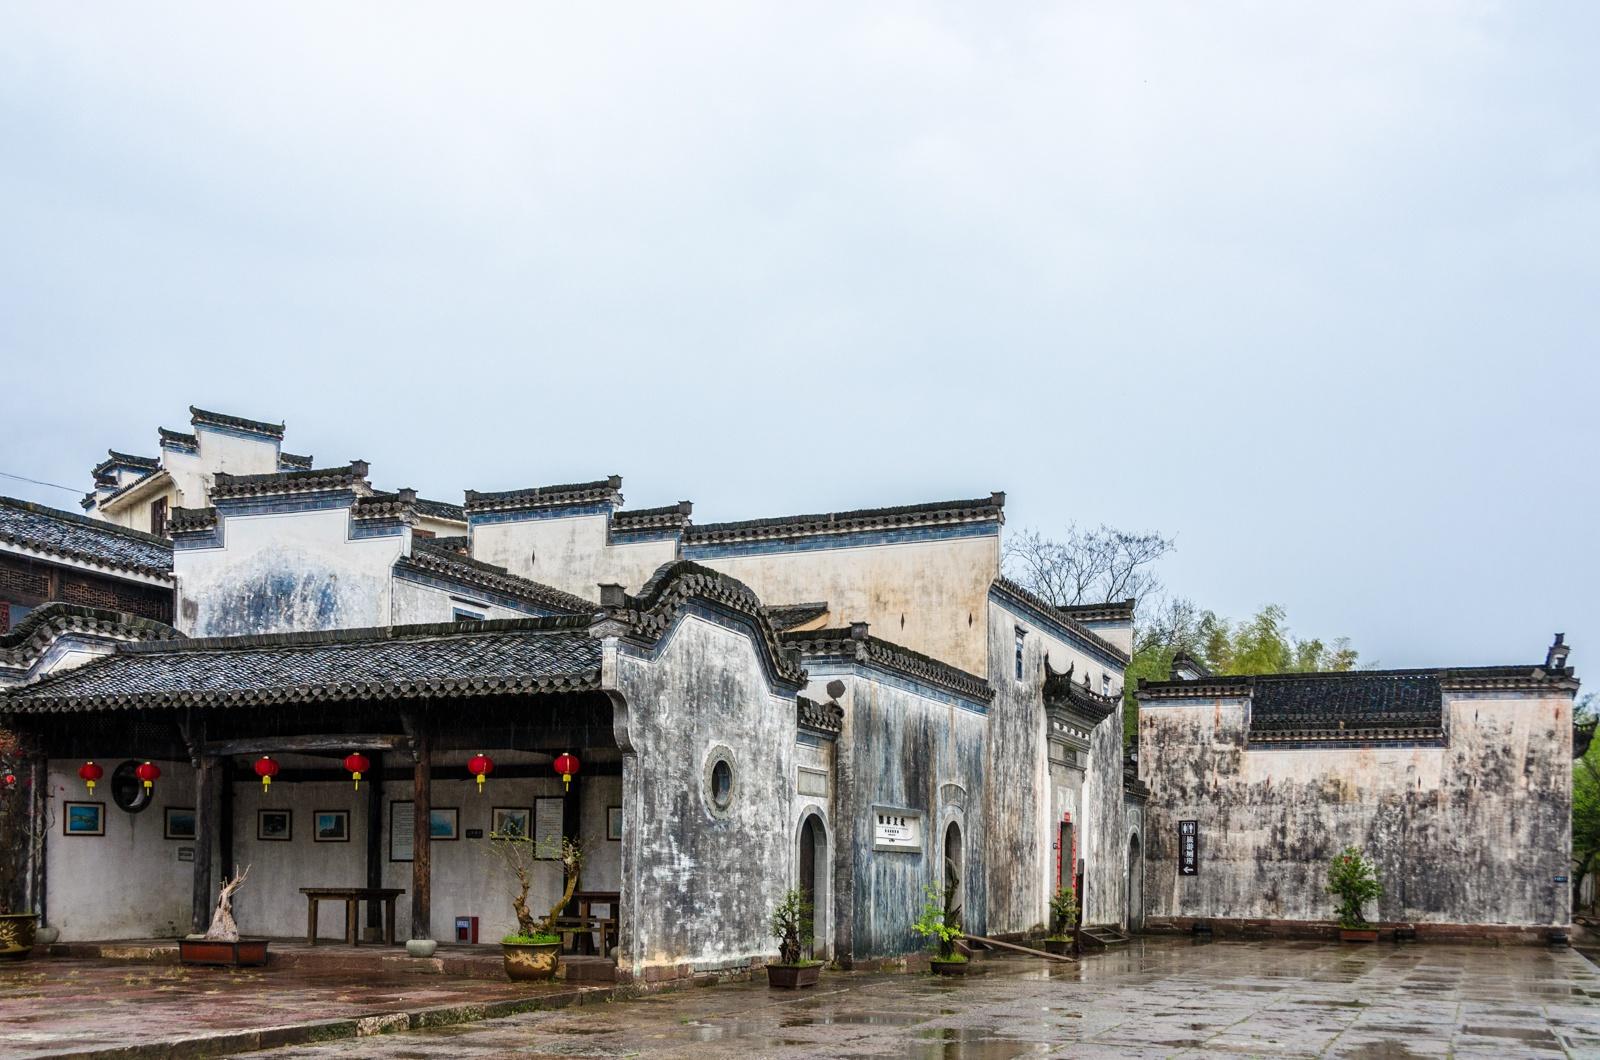 安徽黄山有座古村,比宏村历史还早一千年,到处是文物建筑